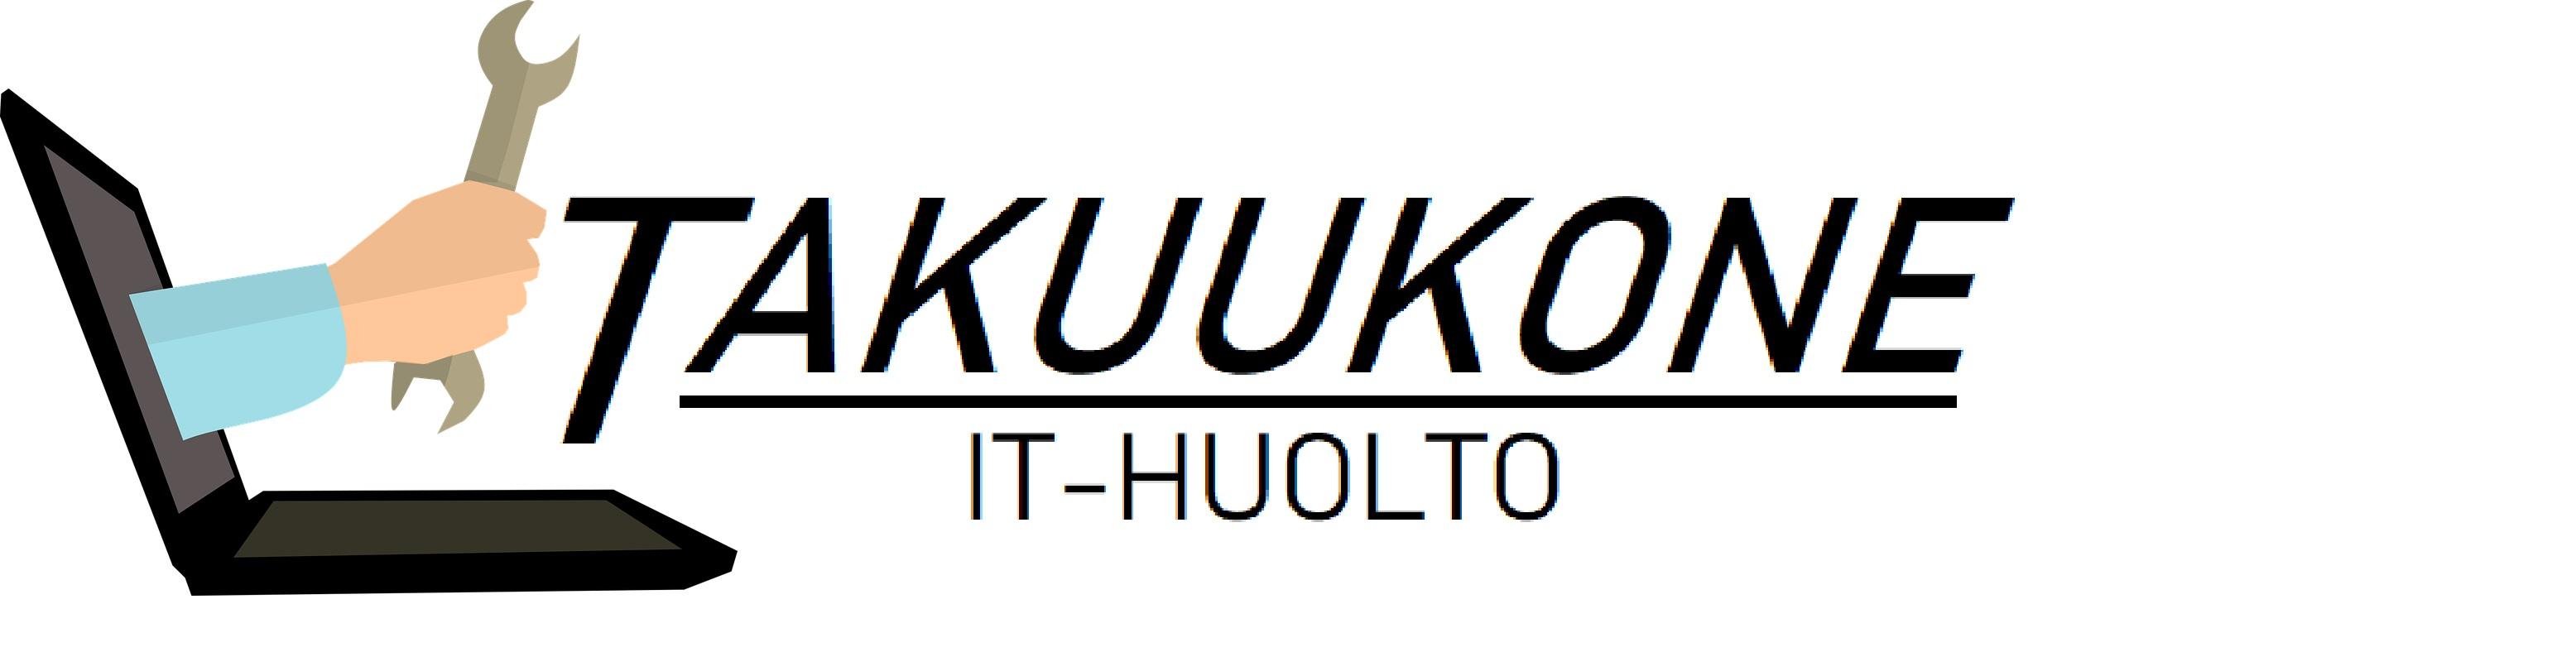 Takuukone IT-huolto Helsinki